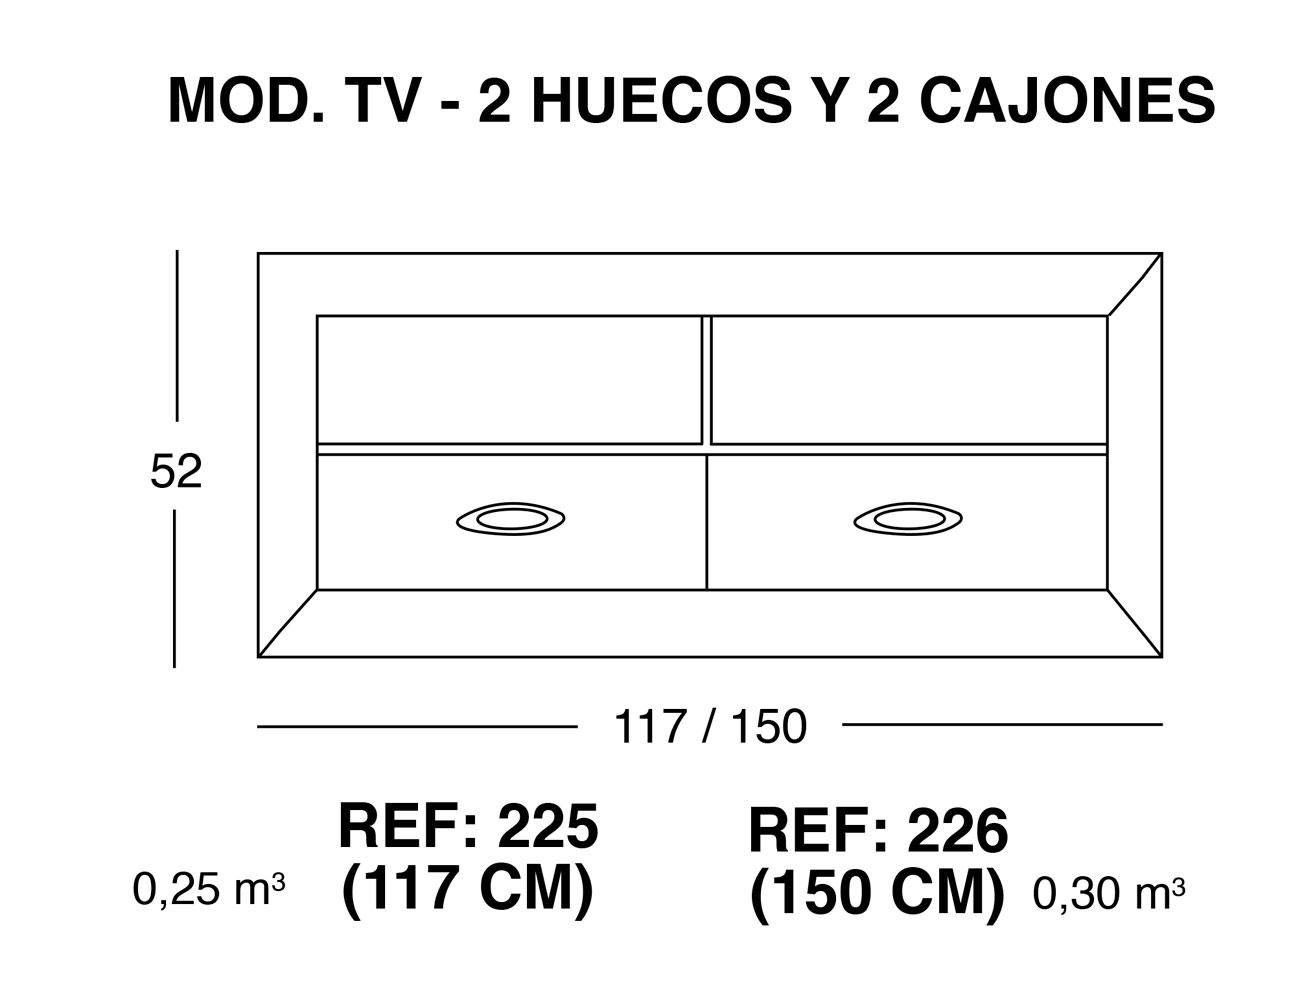 Modulo tv 2 huecos 2 cajones1